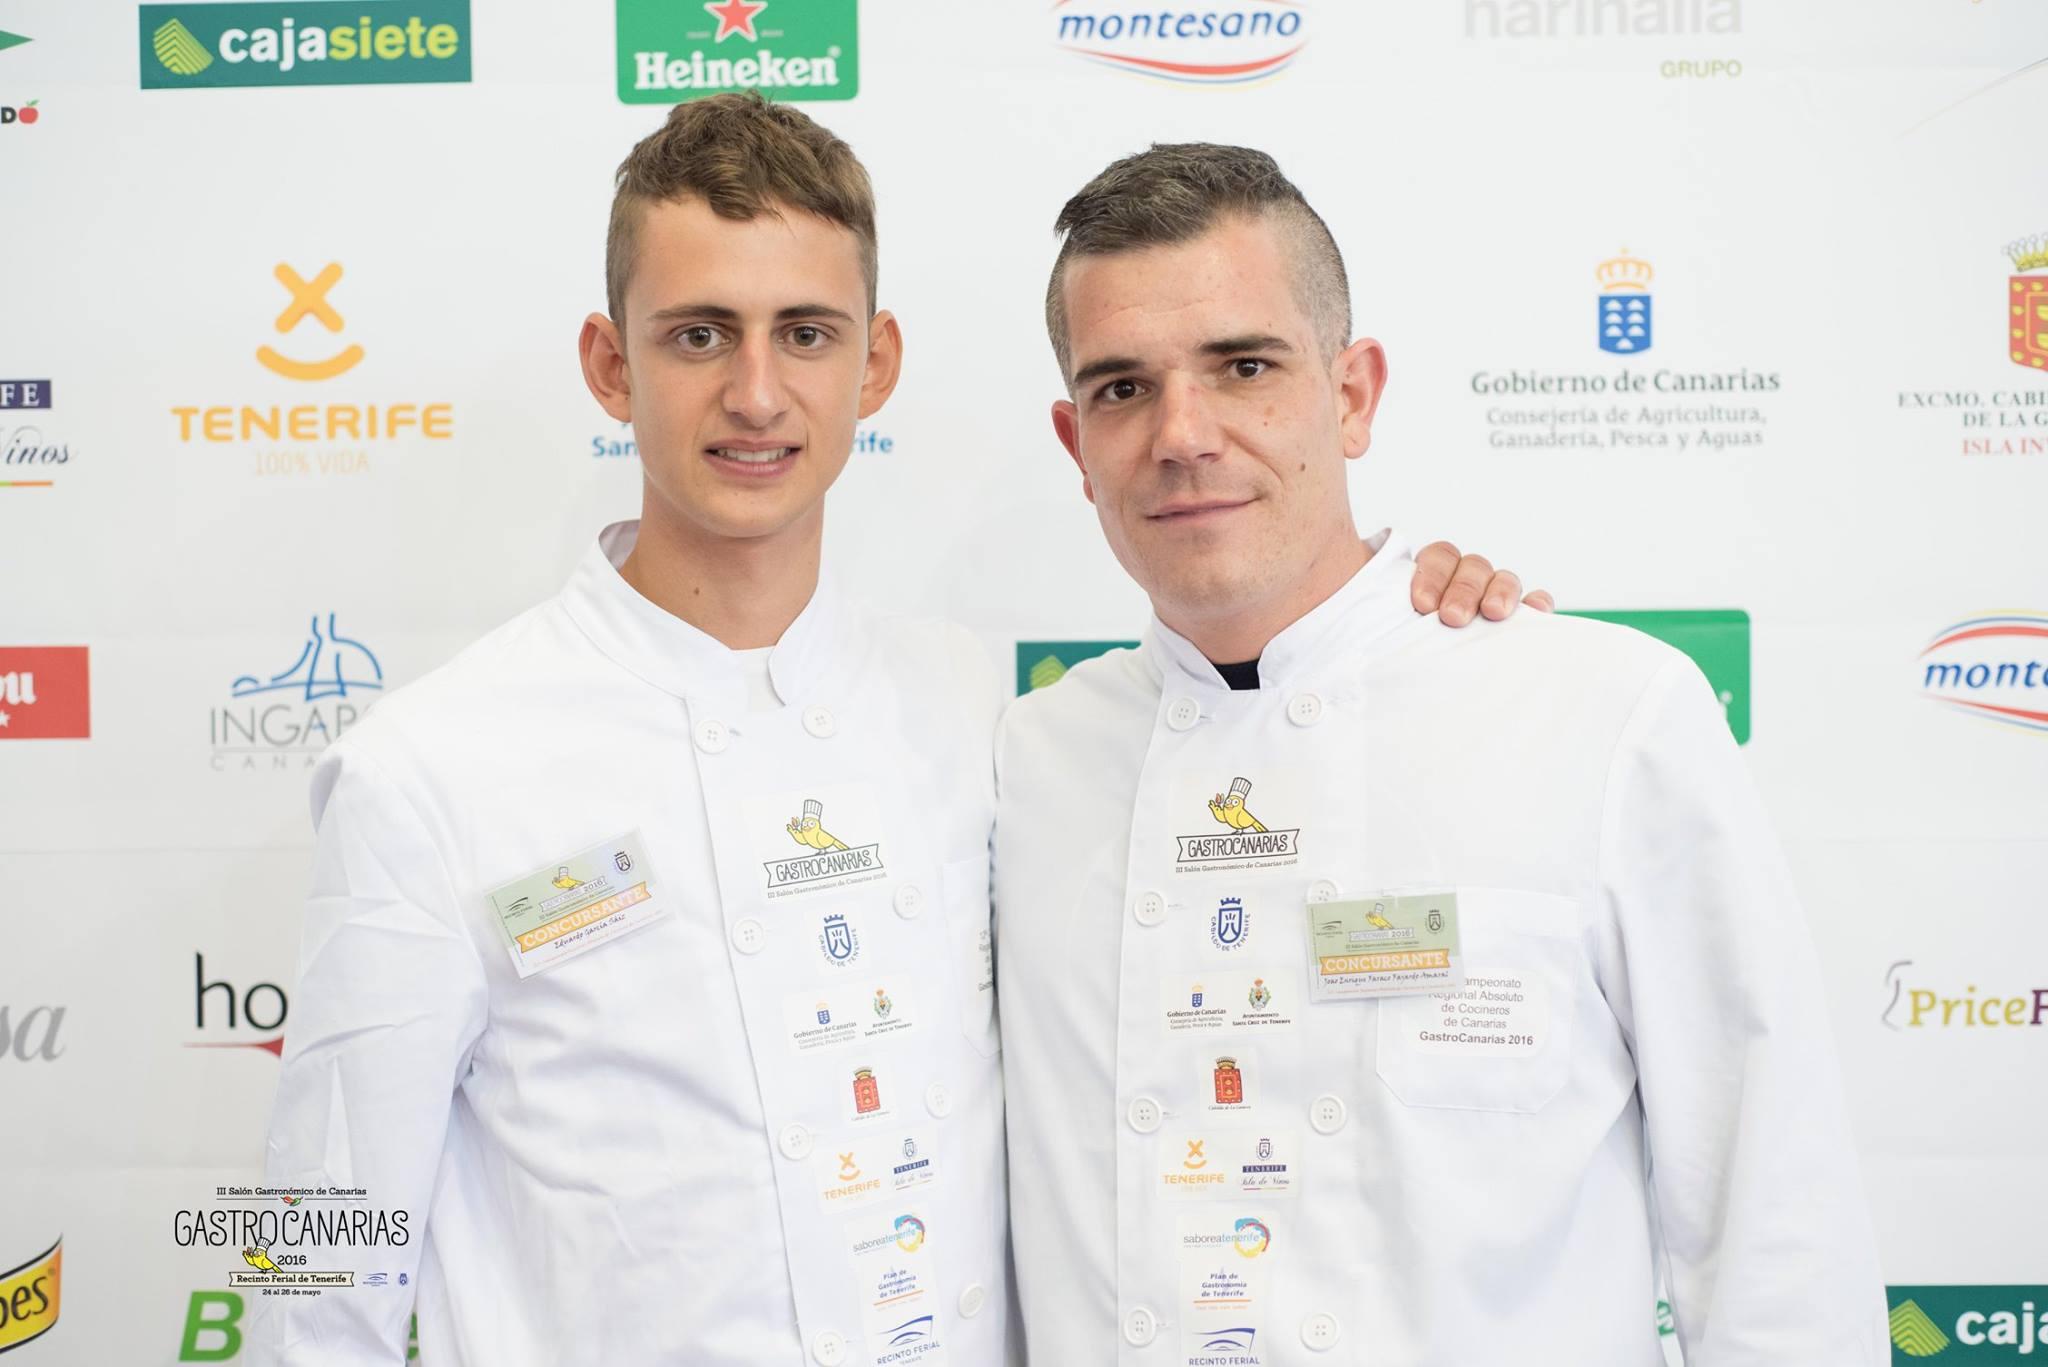 Joao de llevó el subcampeonato, y Eduardo García el premio como mejor ayudante.